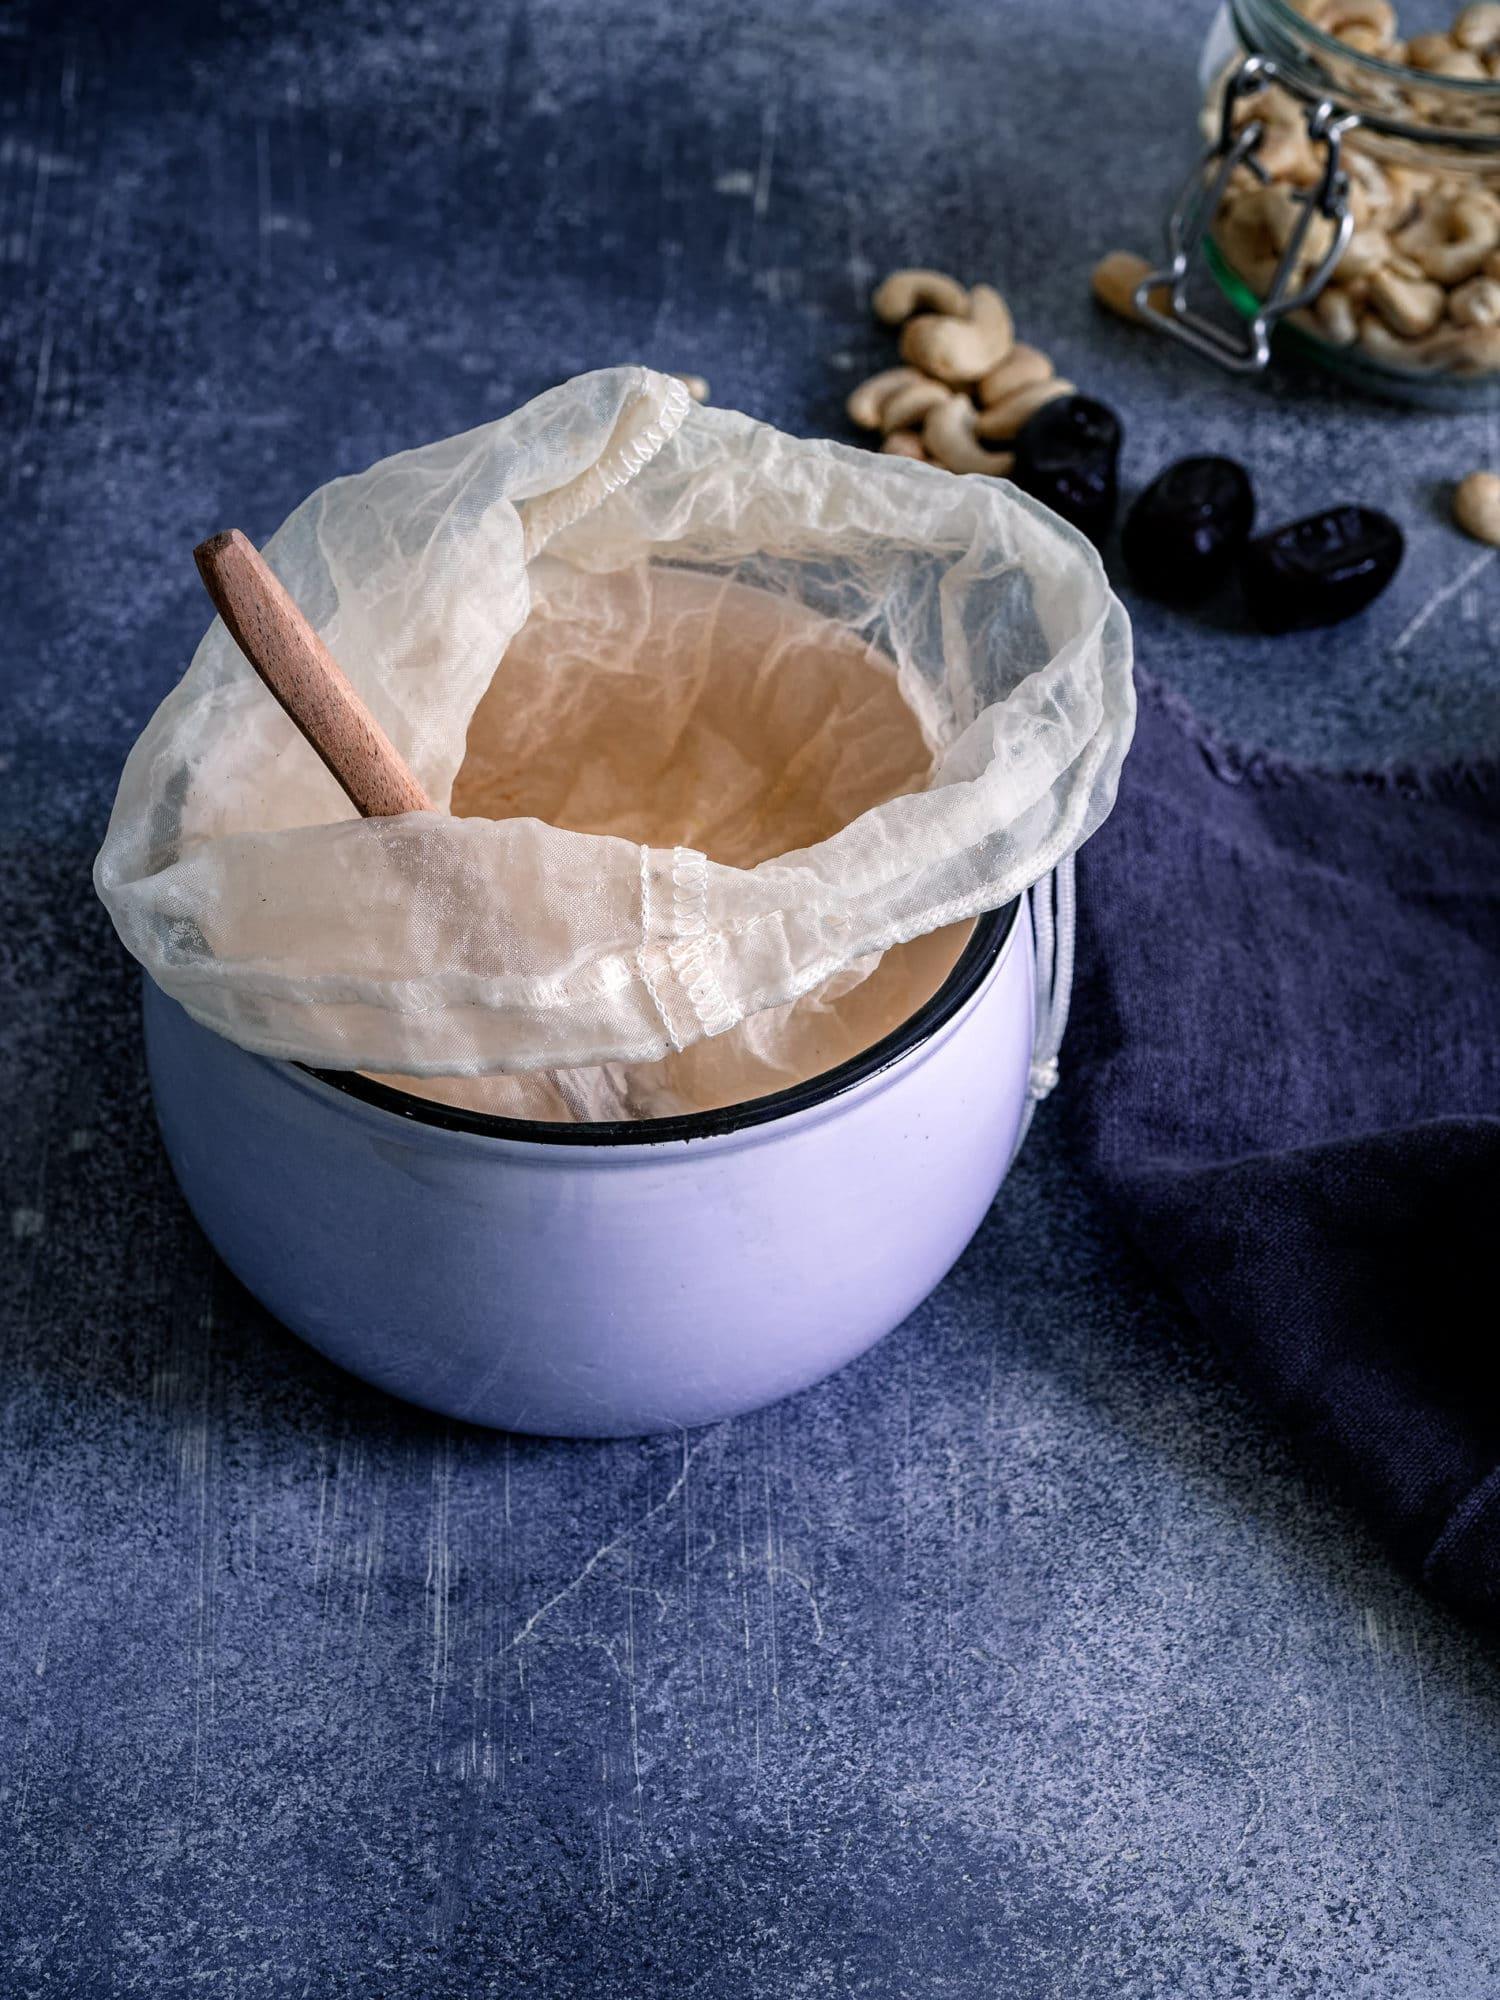 Nussmilchbeutel zum Cashewmilch selber machen